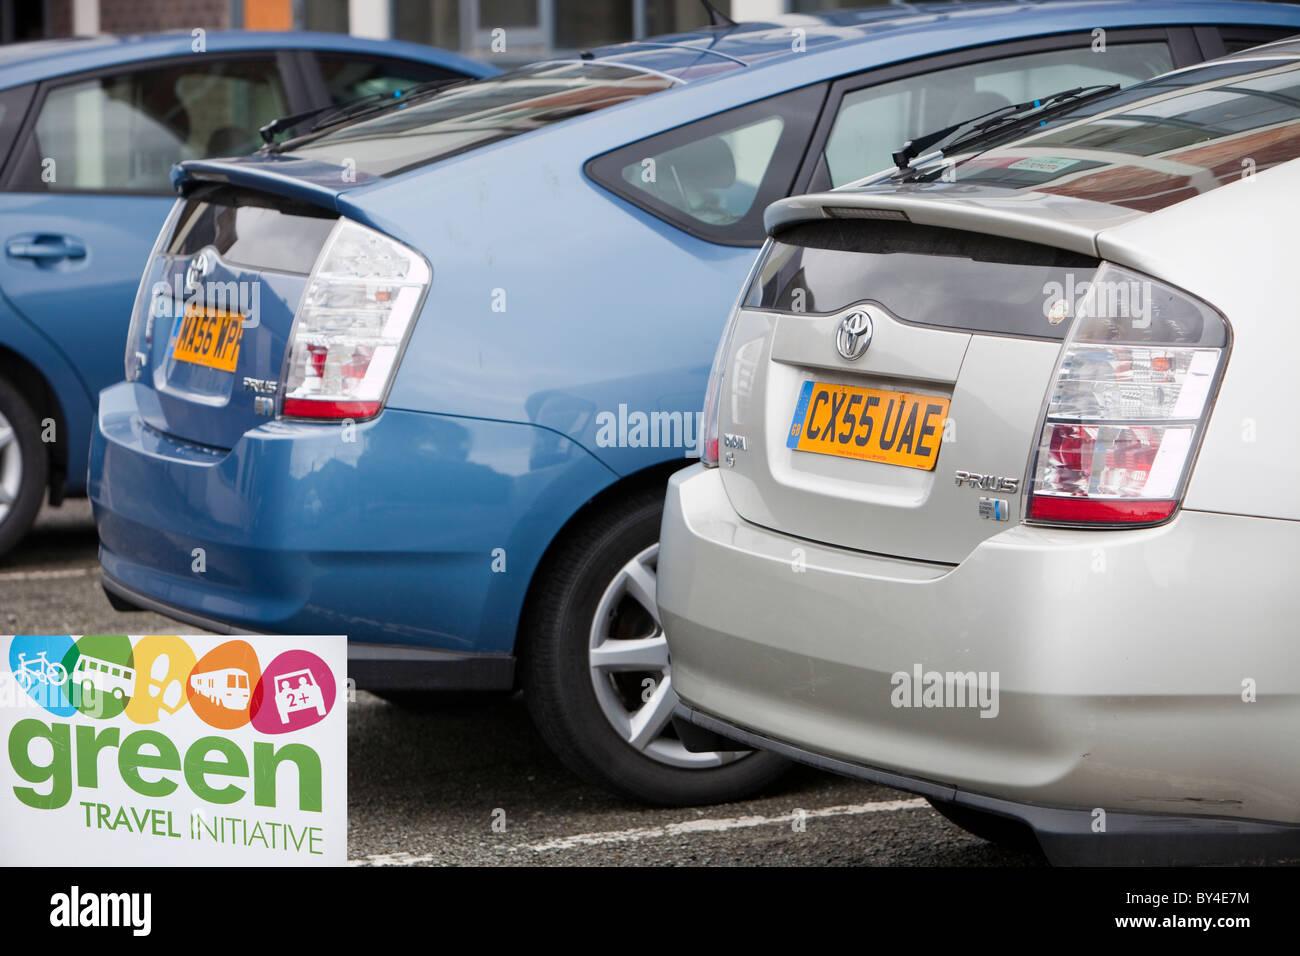 Tres ecléctica Toyota Hybrid Synergy Drive coches en terrenos de la Universidad de Bangor, en el norte de Gales. Imagen De Stock